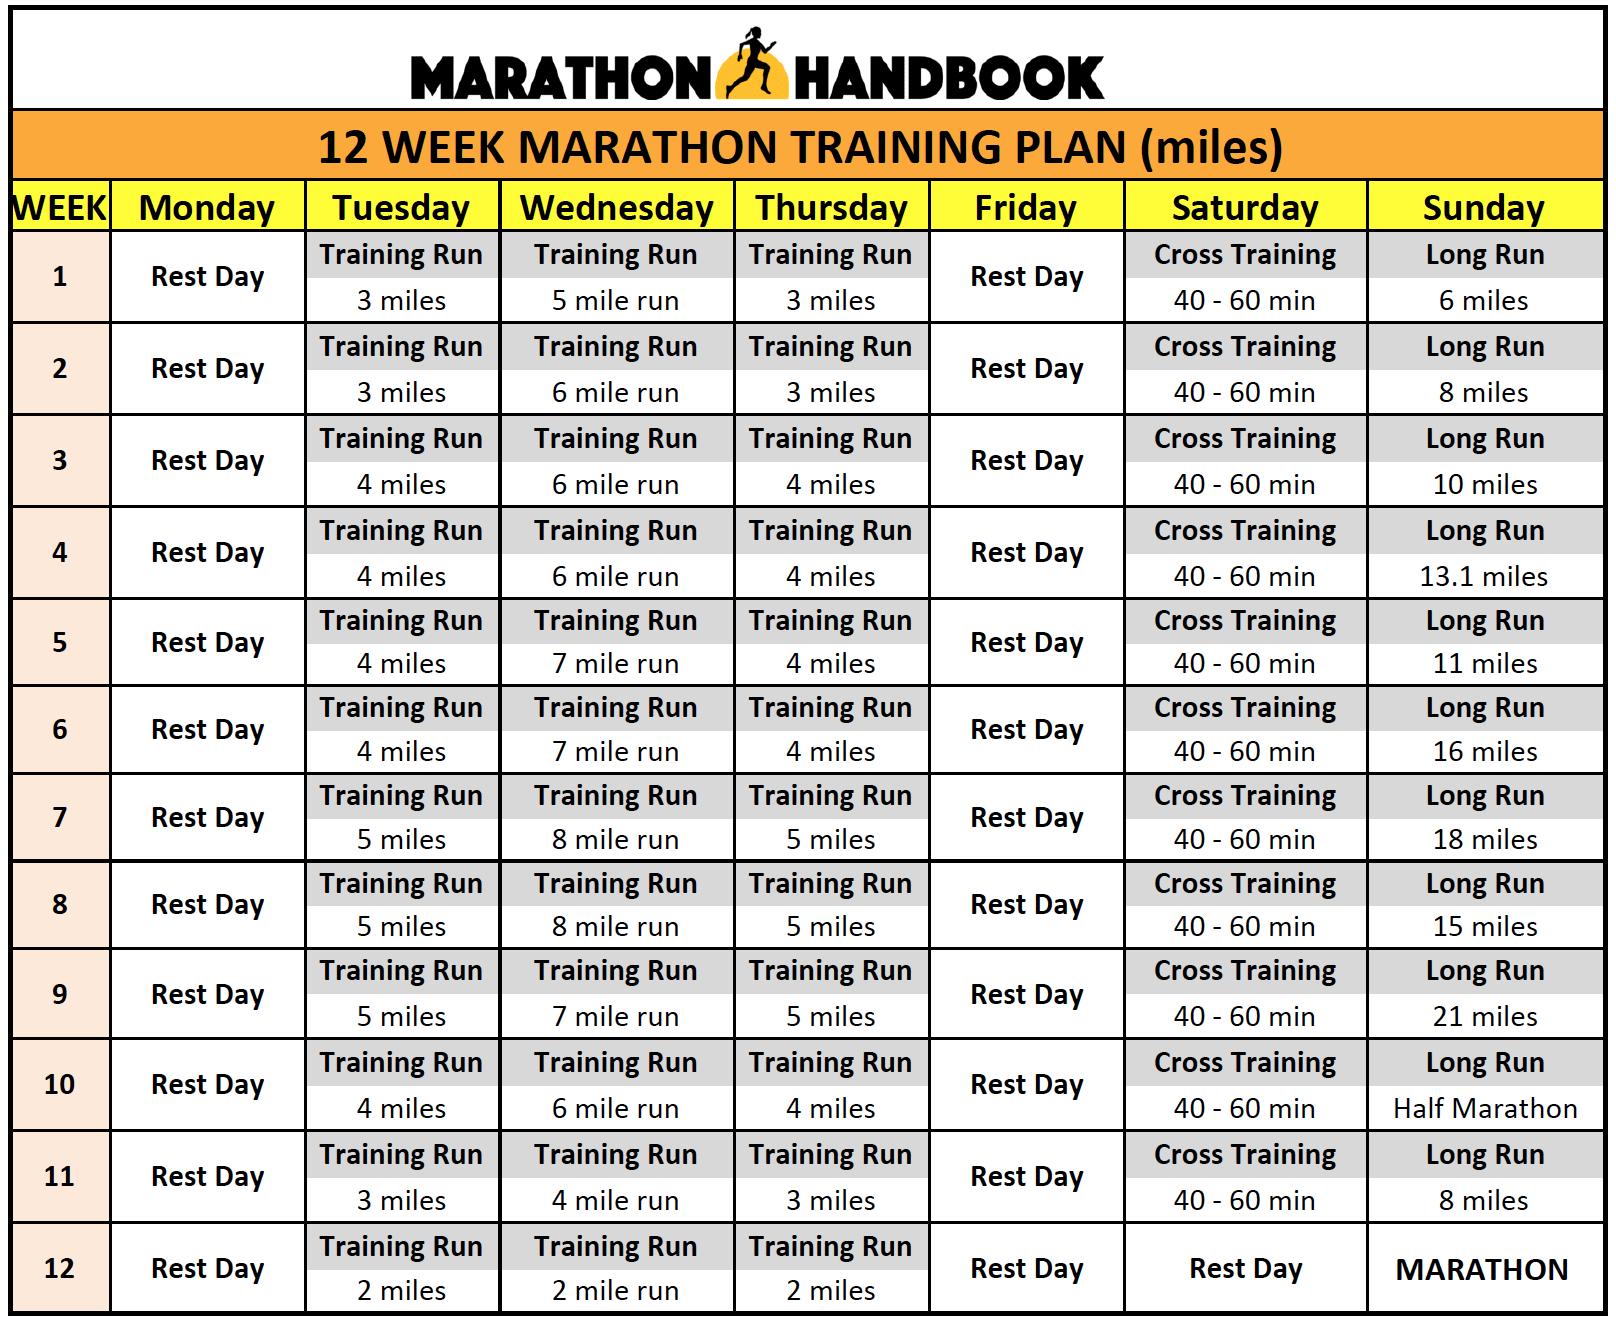 12 Week Marathon Training Plan